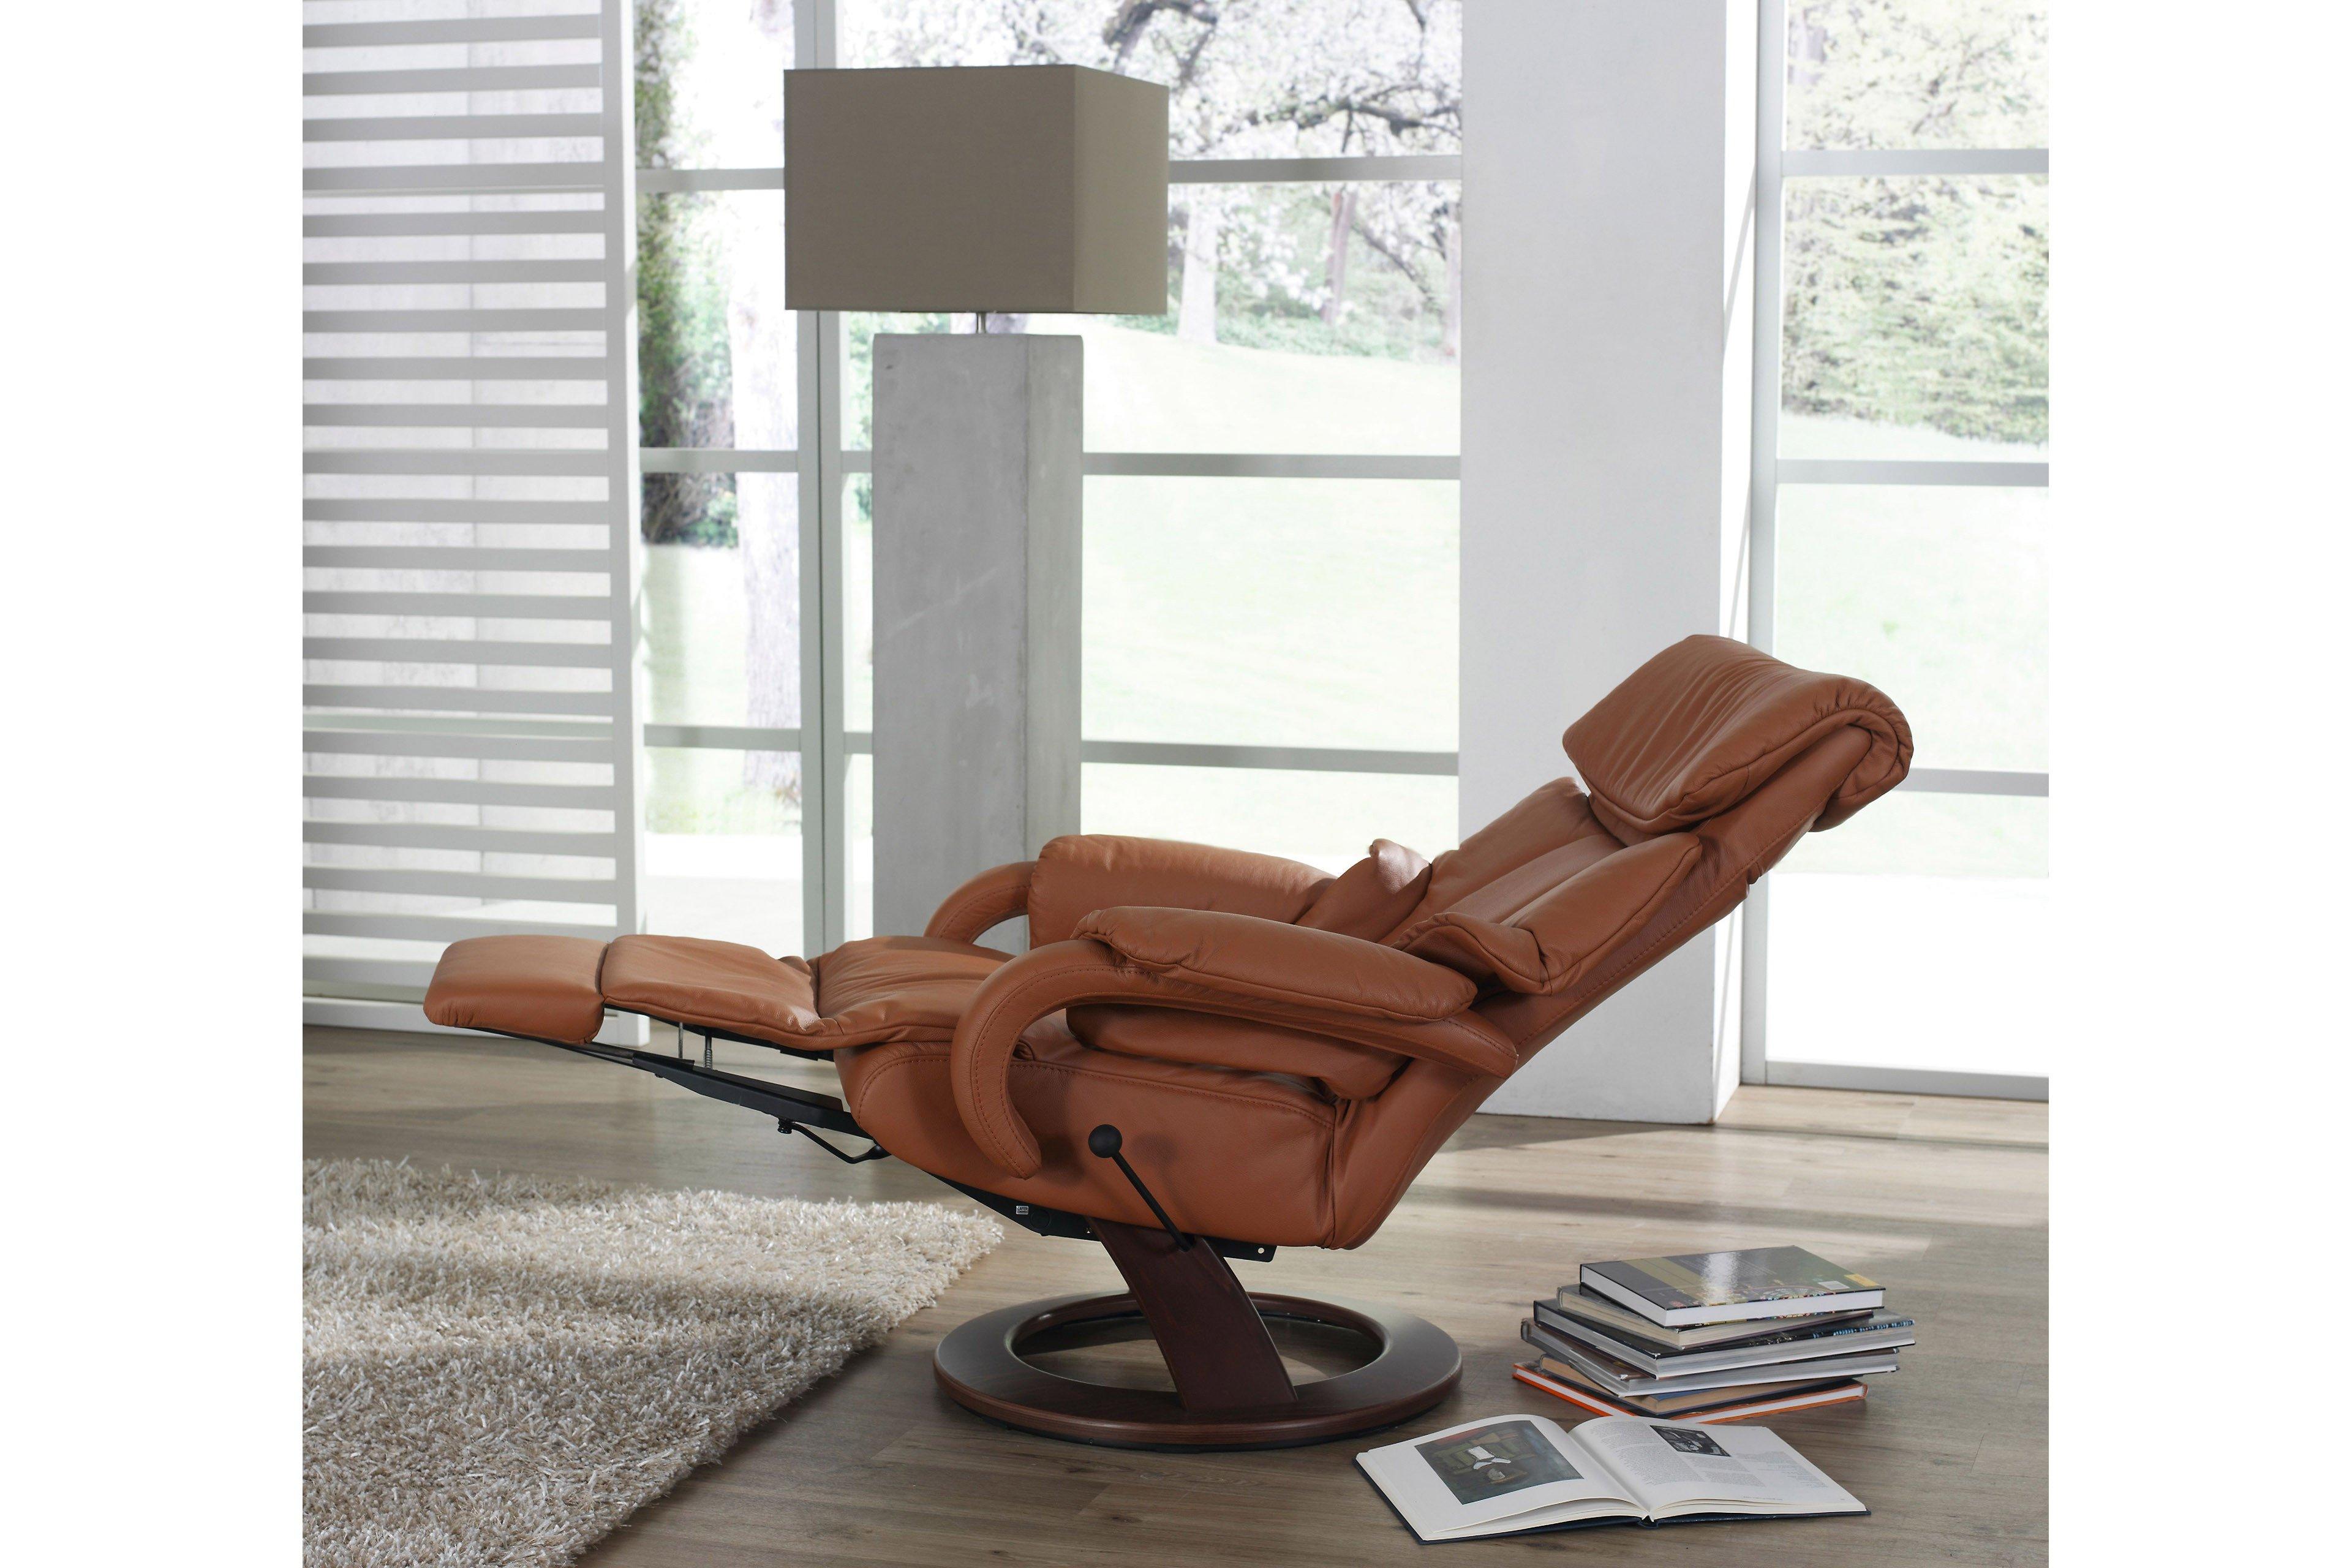 Himolla 7025 Relaxsessel Braun Möbel Letz Ihr Online Shop